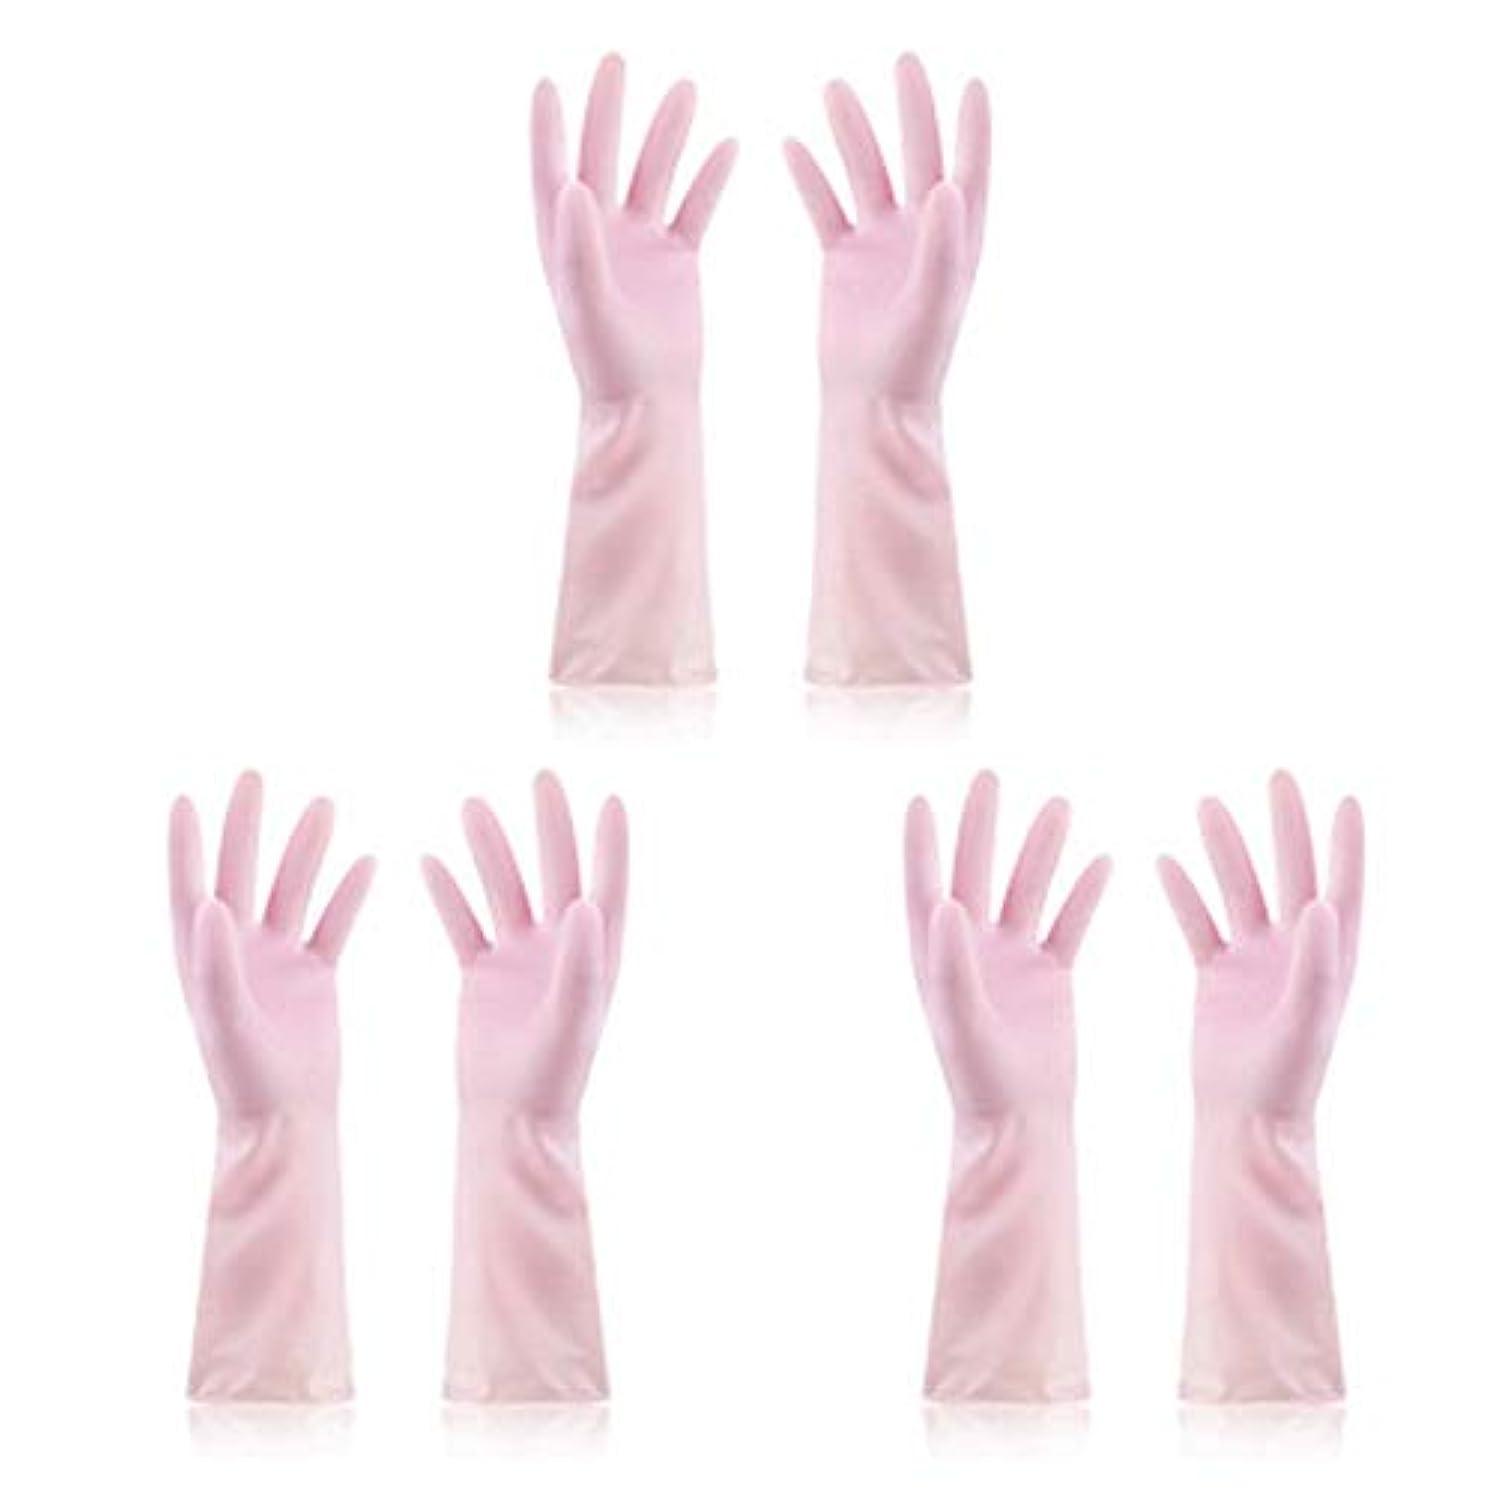 苦いレッドデート行方不明ニトリルゴム手袋 使い捨て手袋防水ラテックス焦げ付き防止ゴム製ゴム製台所手袋、3組 使い捨て手袋 (Color : Pink, Size : M)